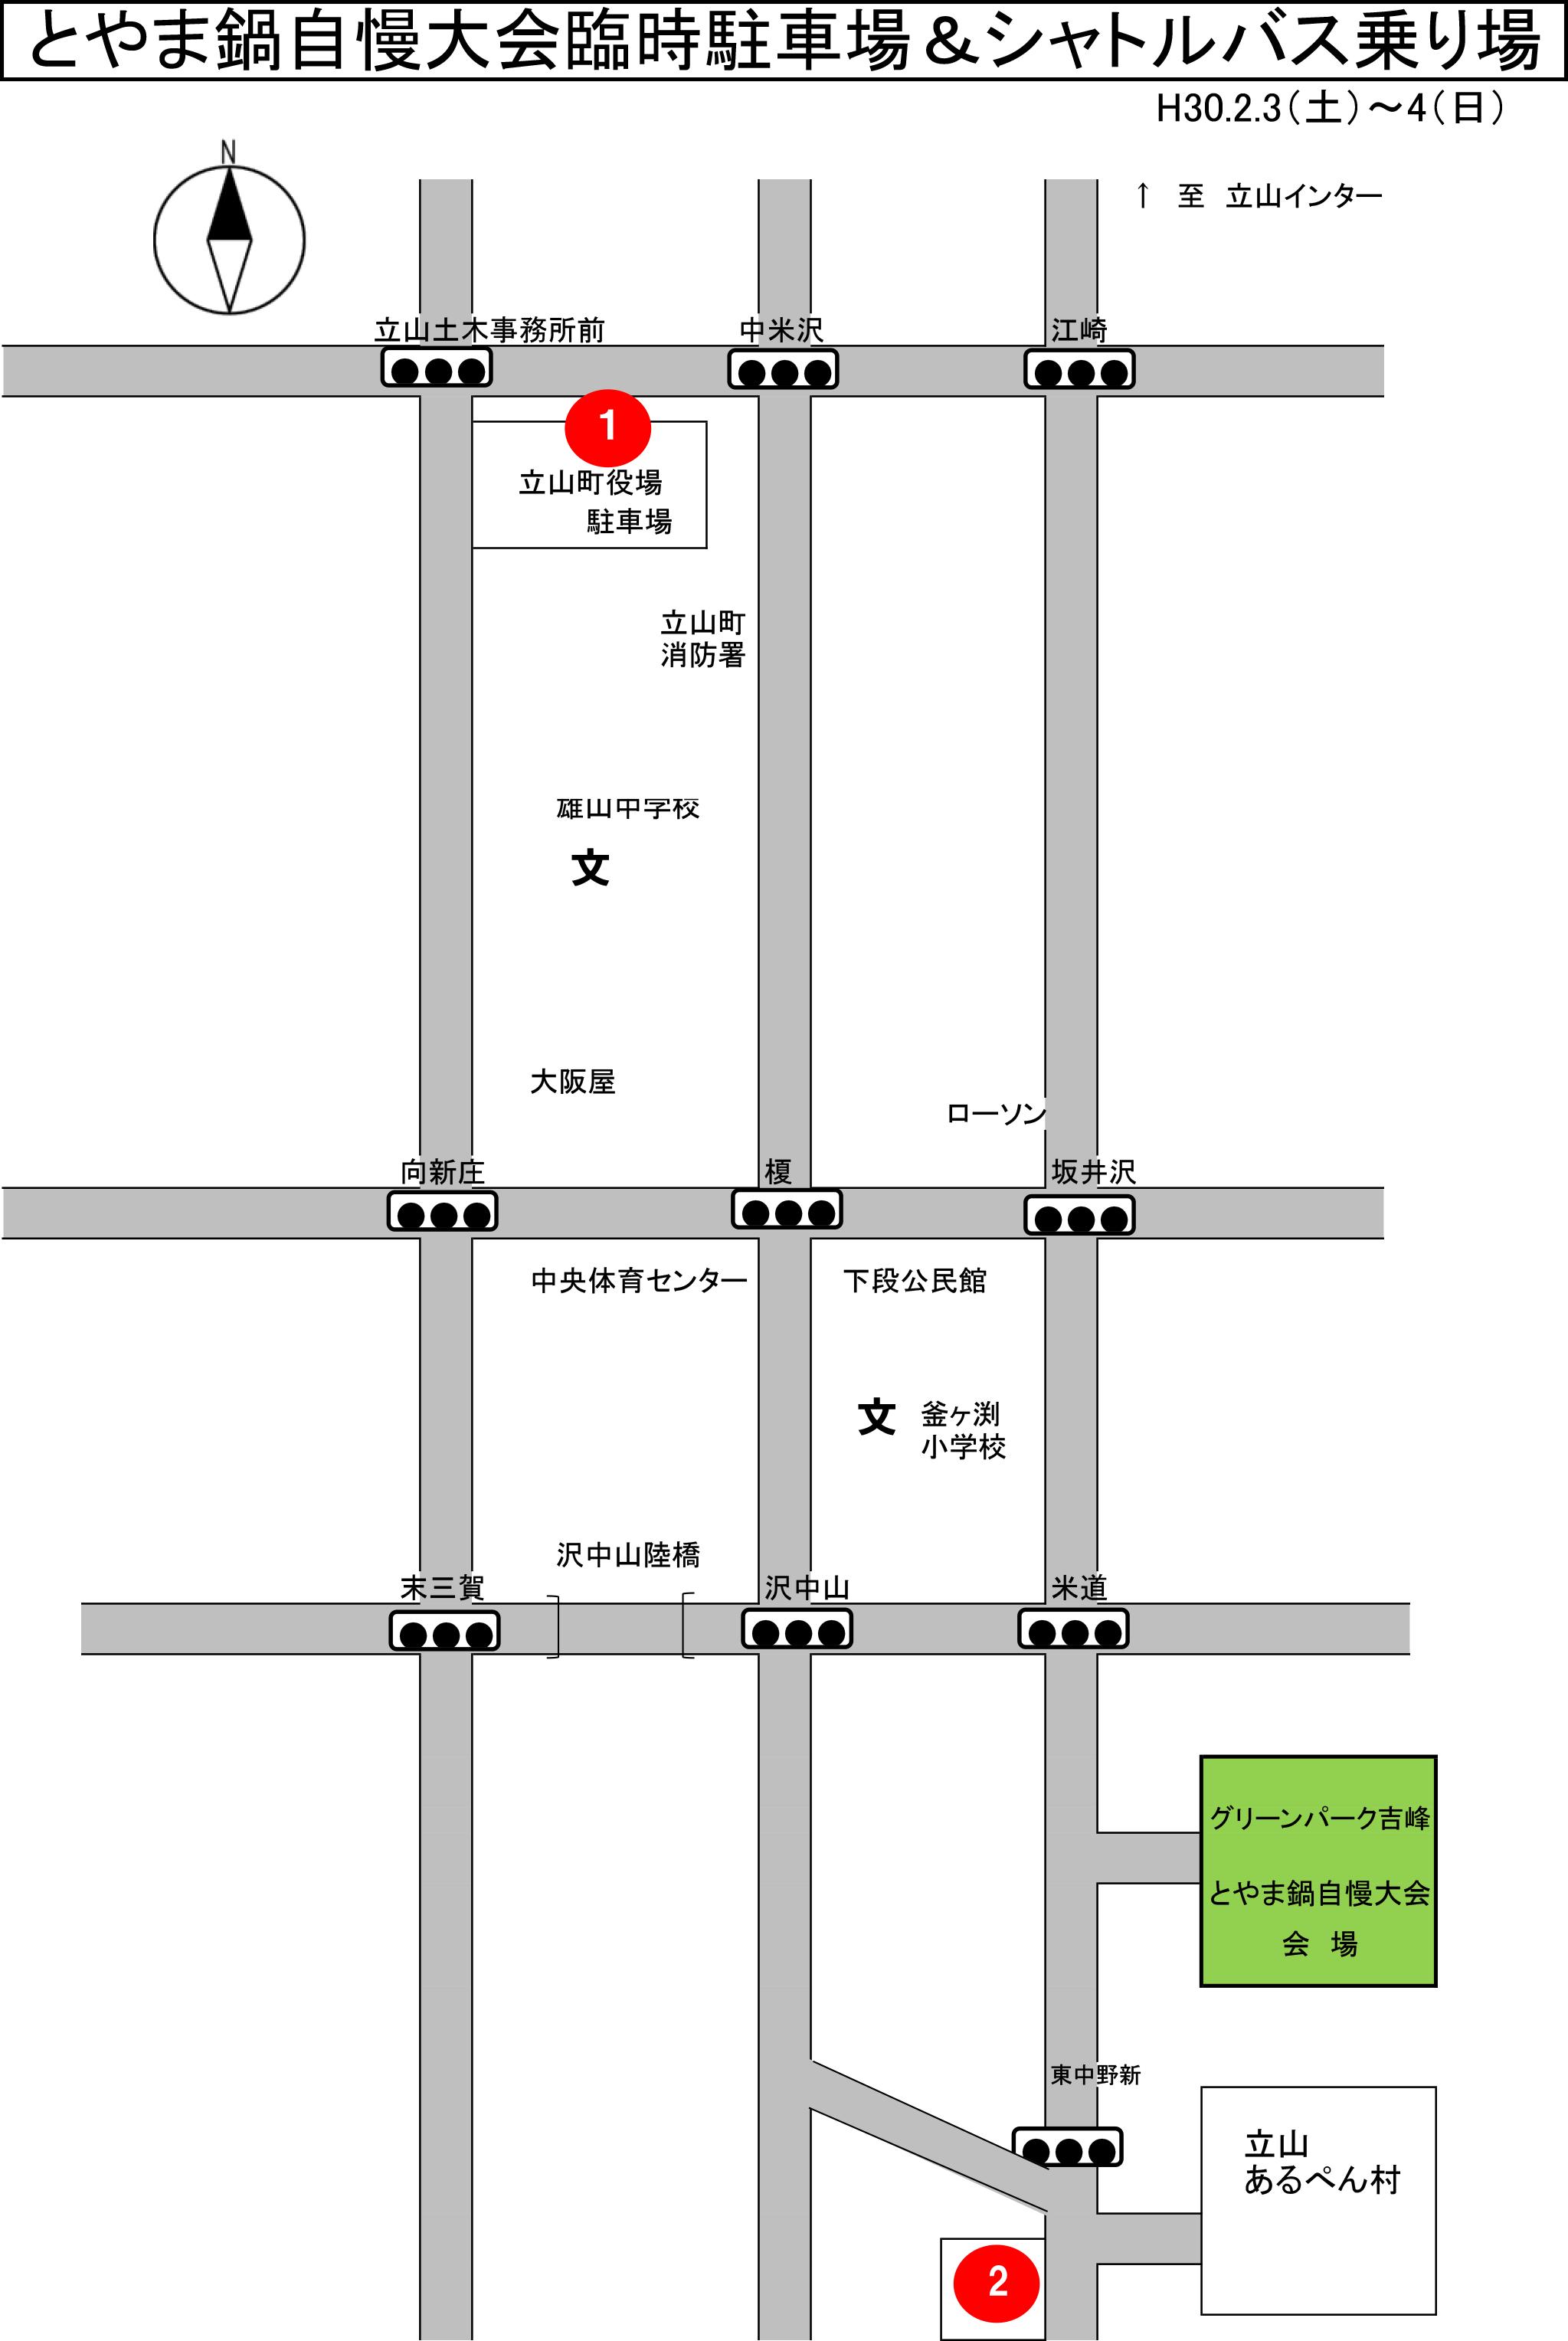 とやま鍋自慢大会2018のシャトルバス乗り場